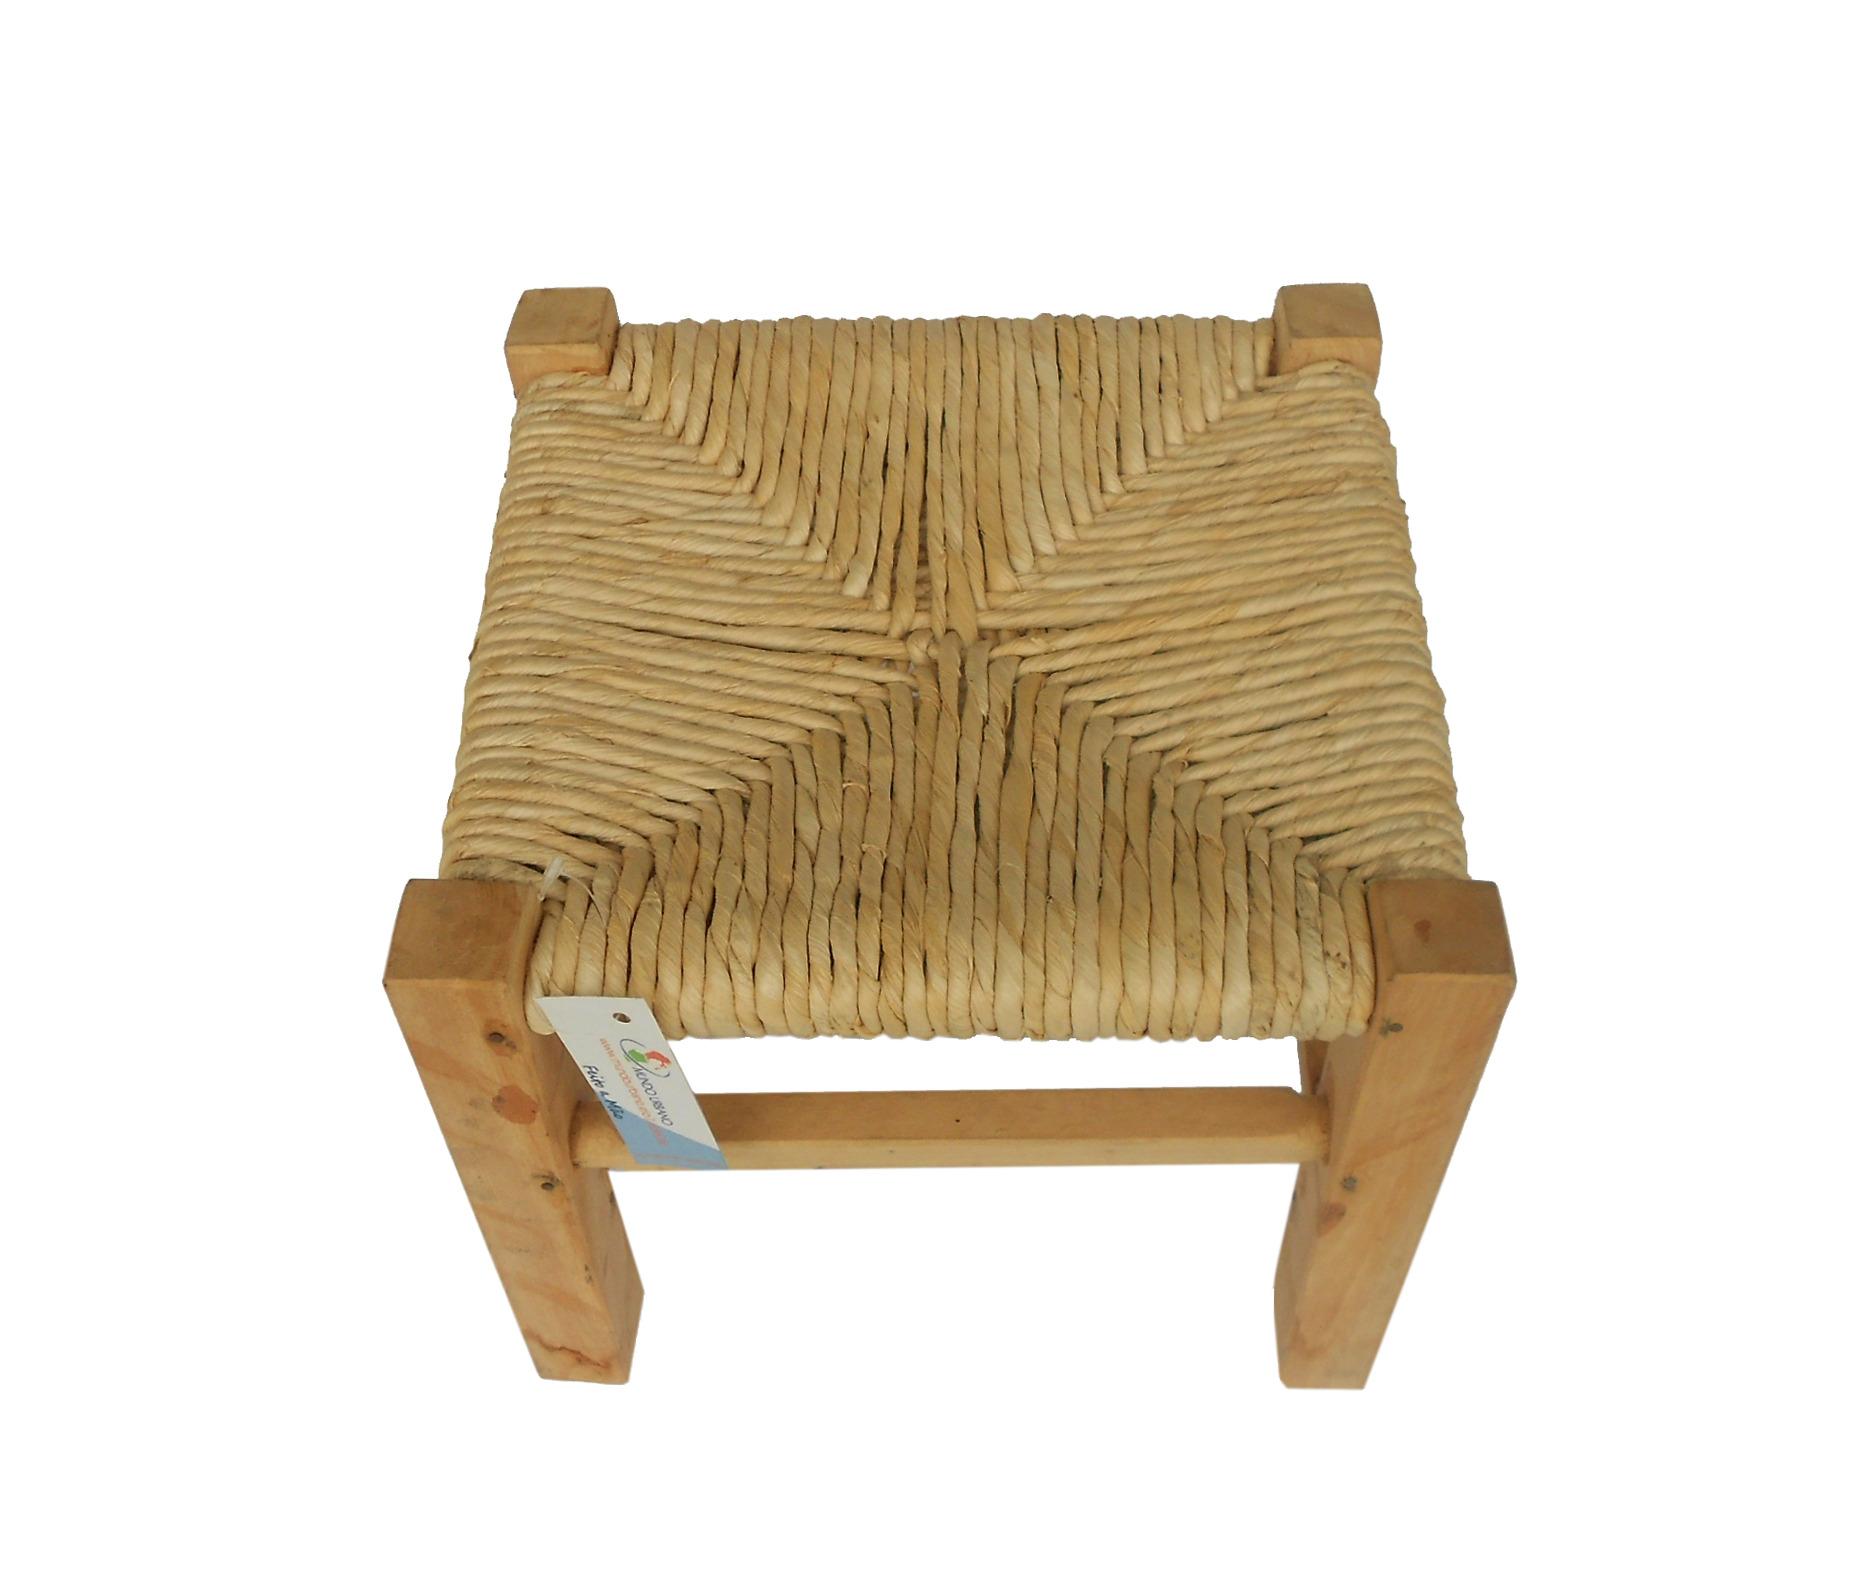 nt 32x32x51 banco madeira palha milho nt 32x32x51 banco madeira palha  #4C3518 1861x1578